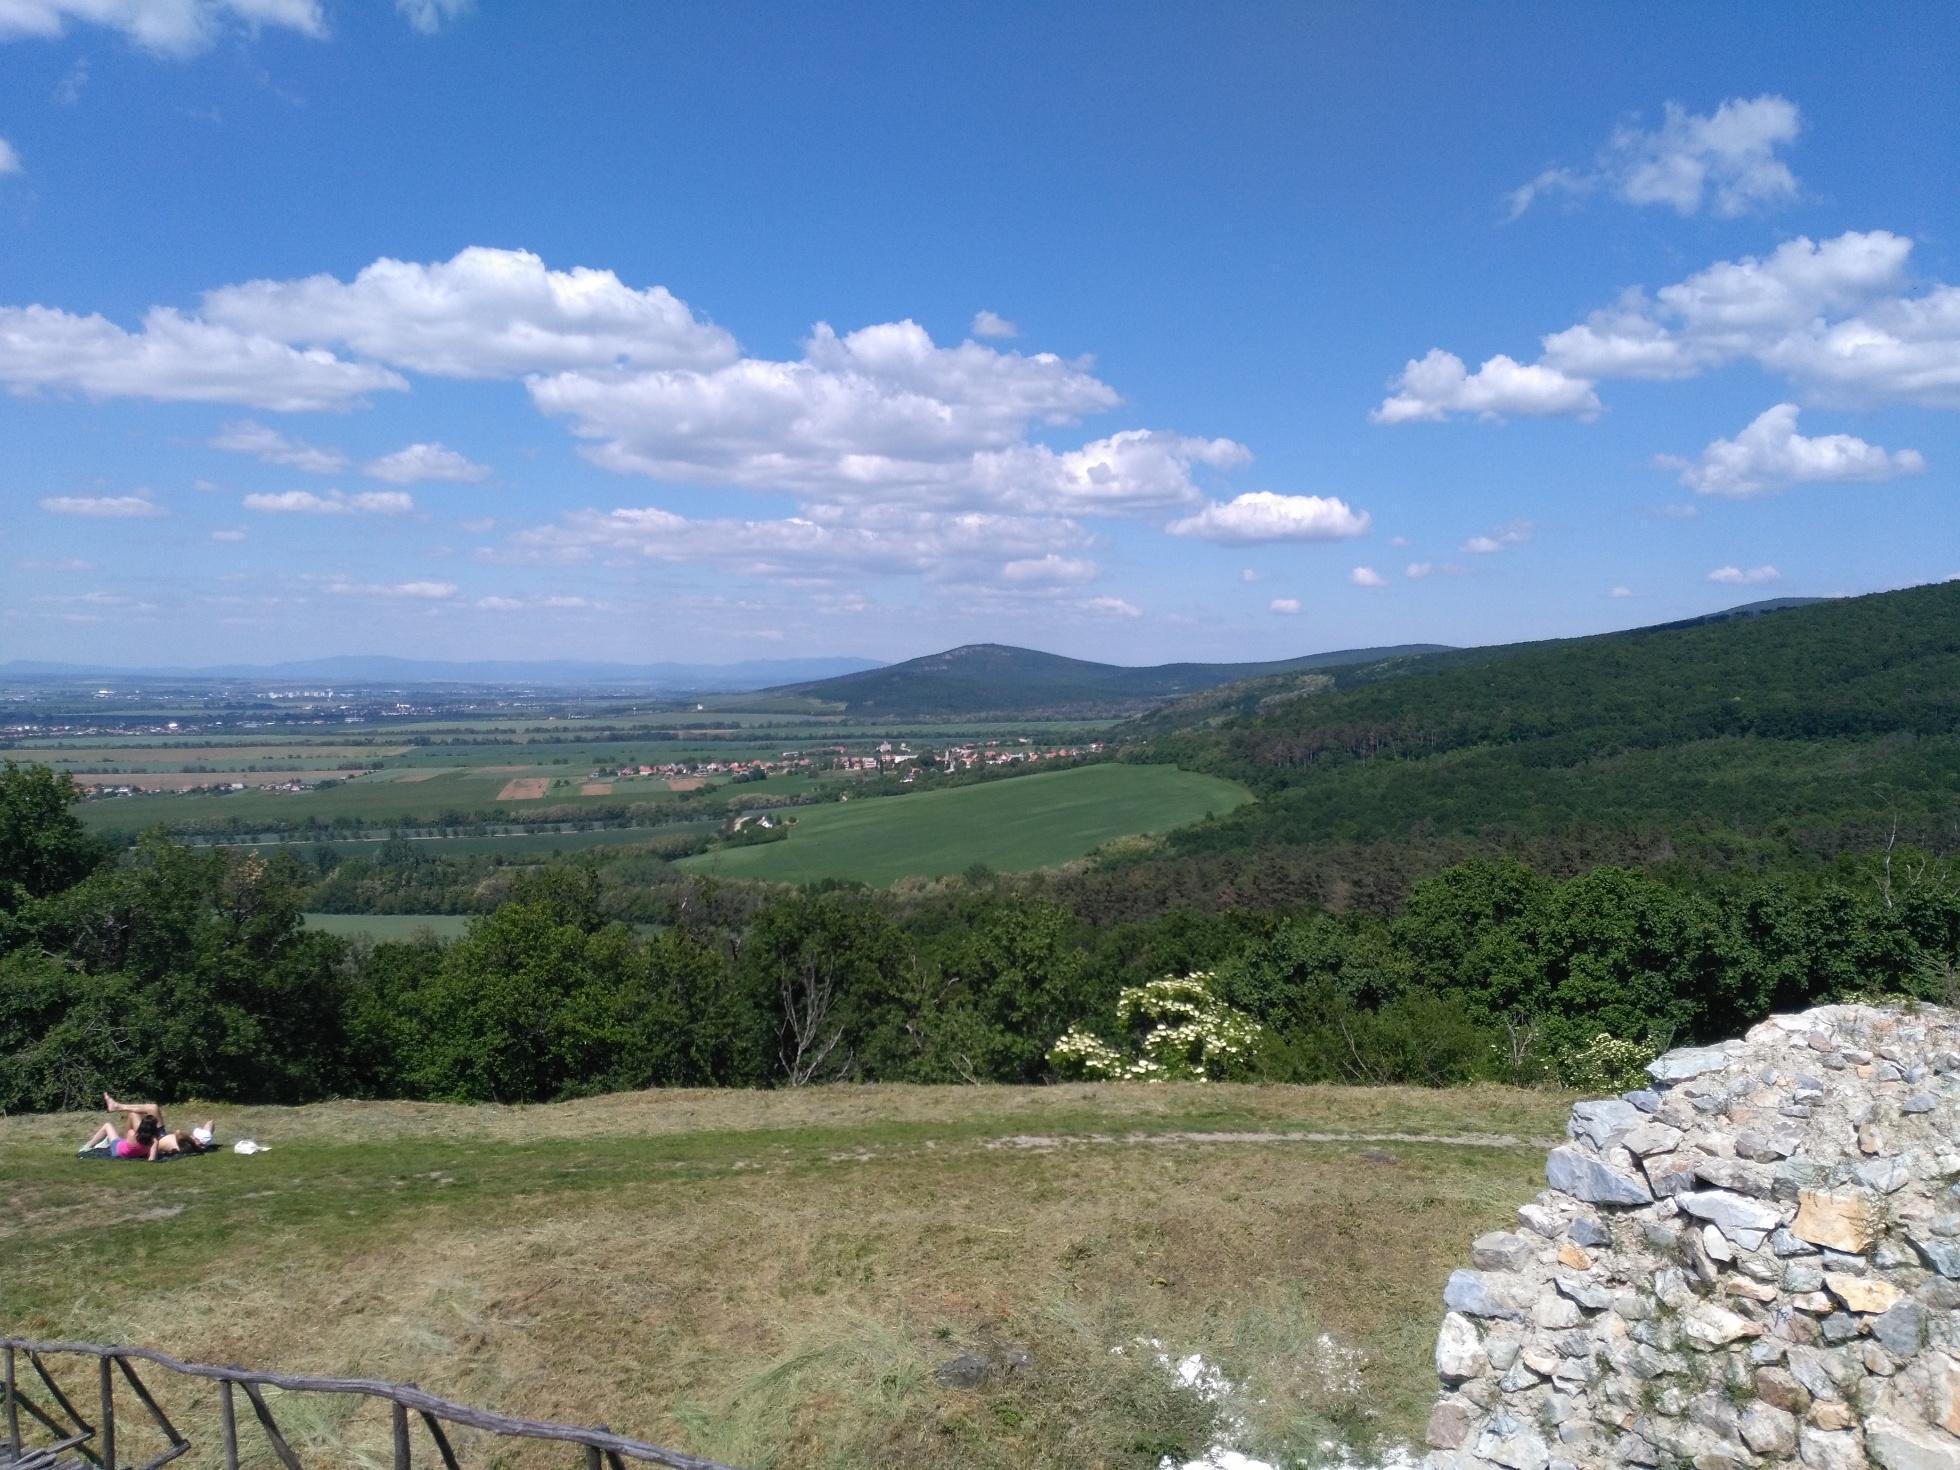 bc4986e90 Cyklotúra: Ponitrianskou cyklomagistrálou na Oponický hrad | CYKLO.HIKING.SK